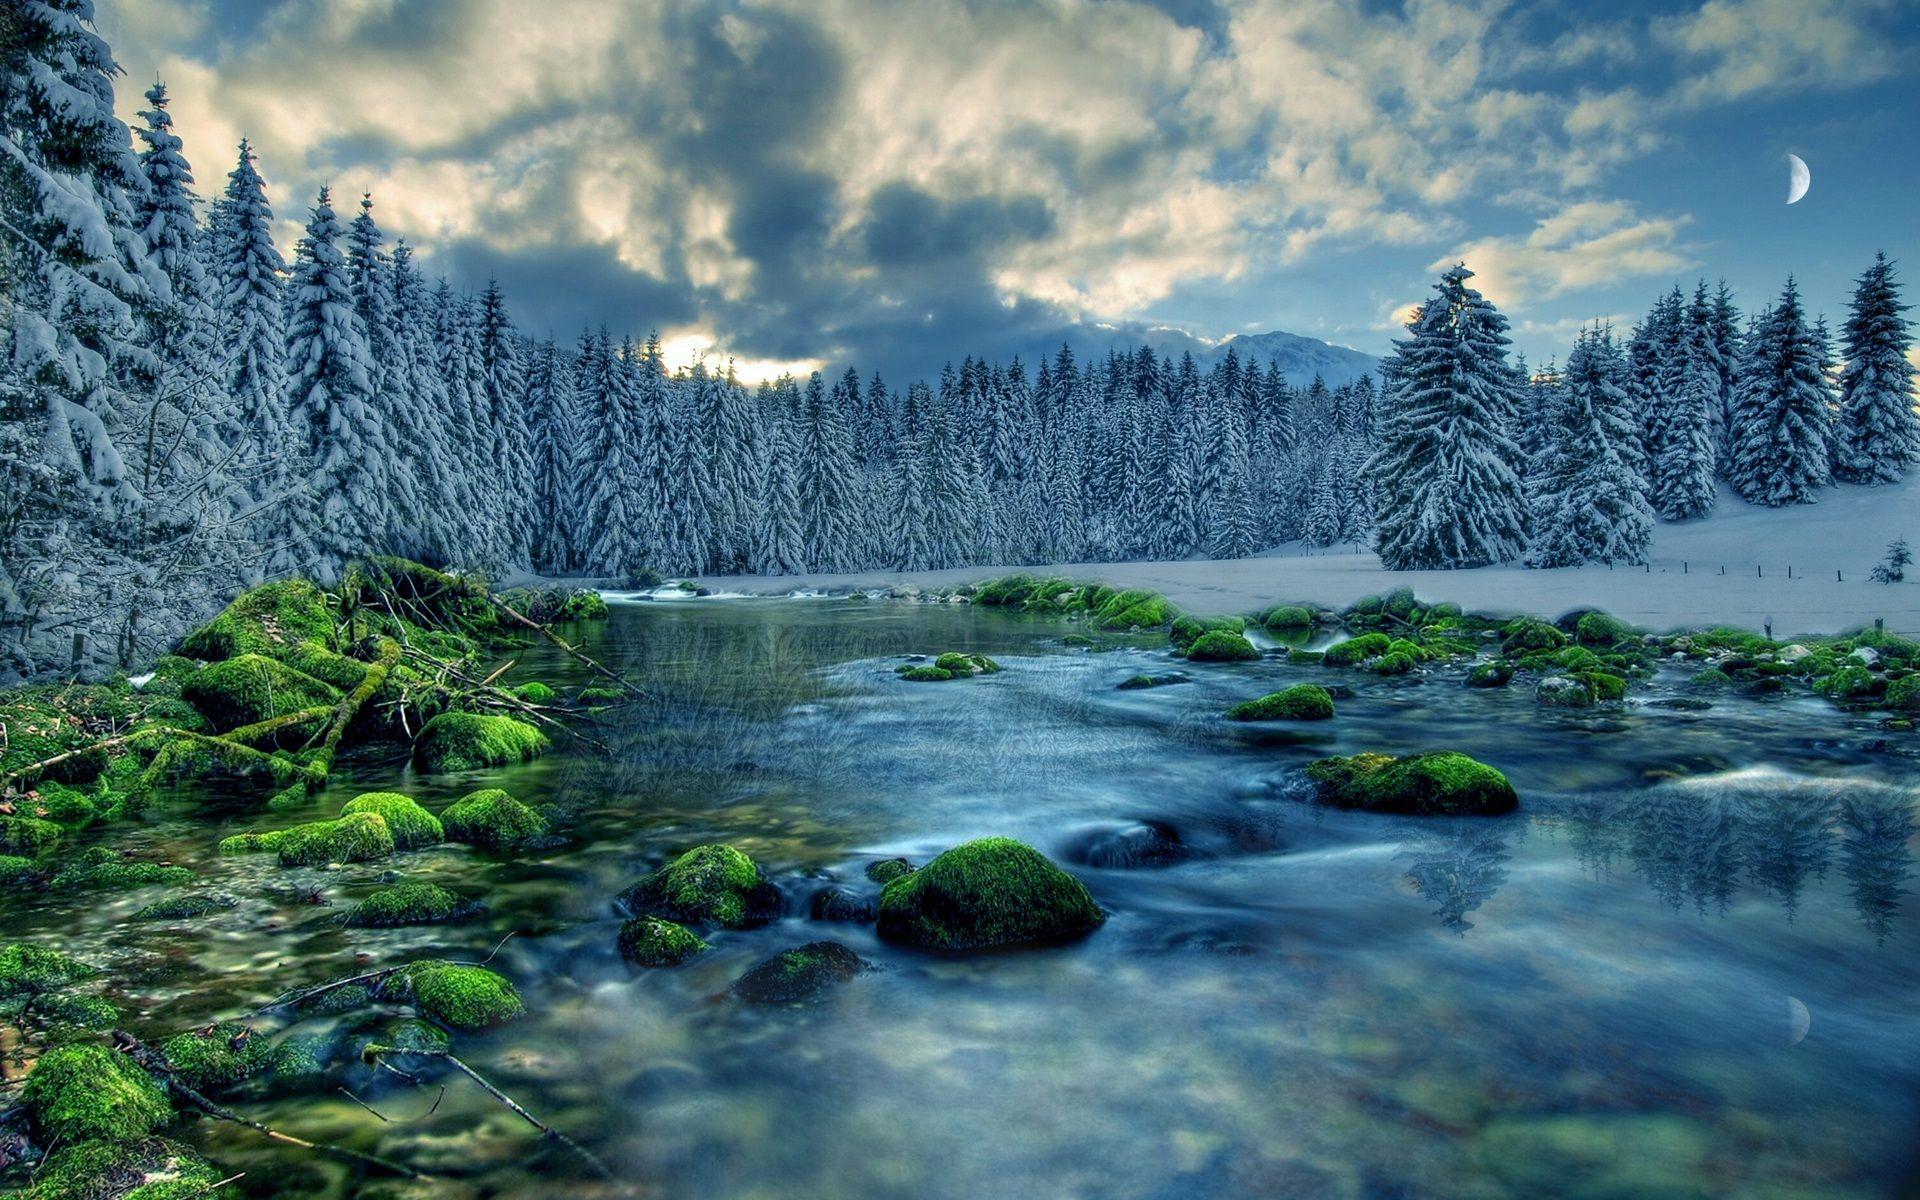 Fondo Escritorio Paisaje Nevada En Cumbre: Paisaje De Invierno, Río, Bosque, árboles, Cielo, Nubes